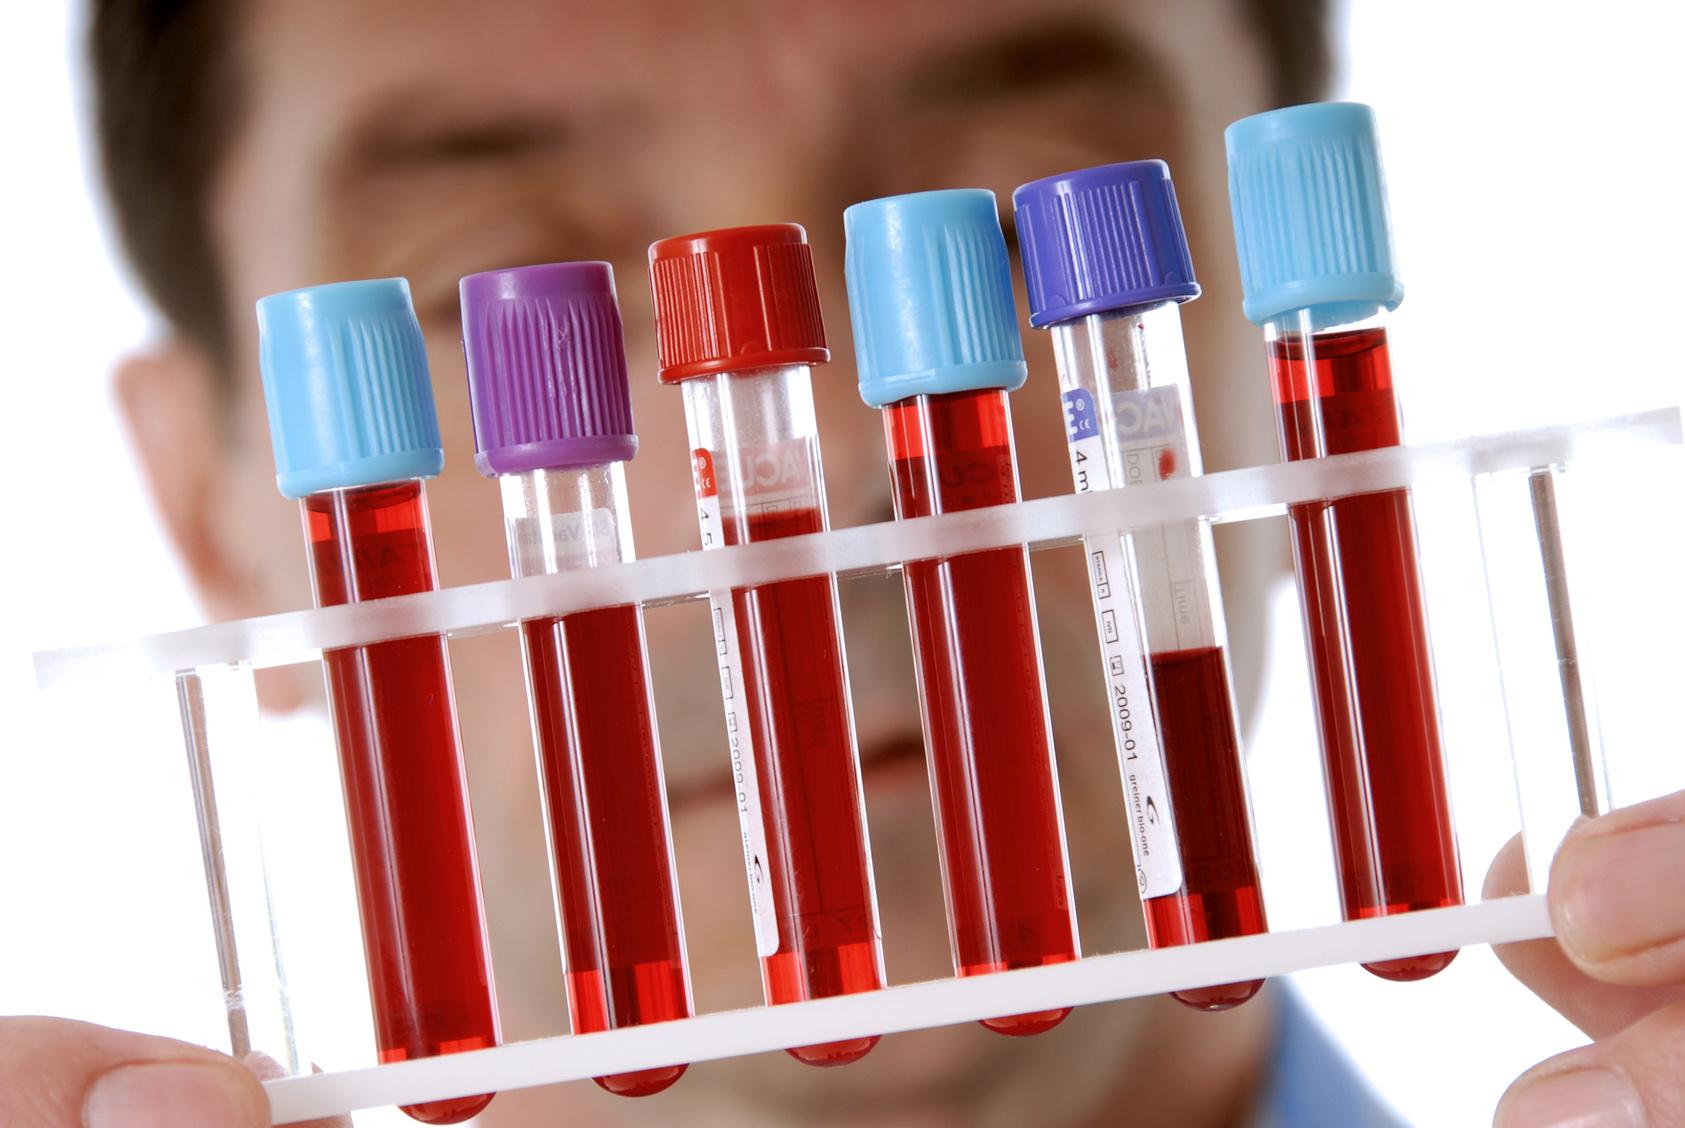 Эссенциальная тромбоцитемия — редкая патология крови